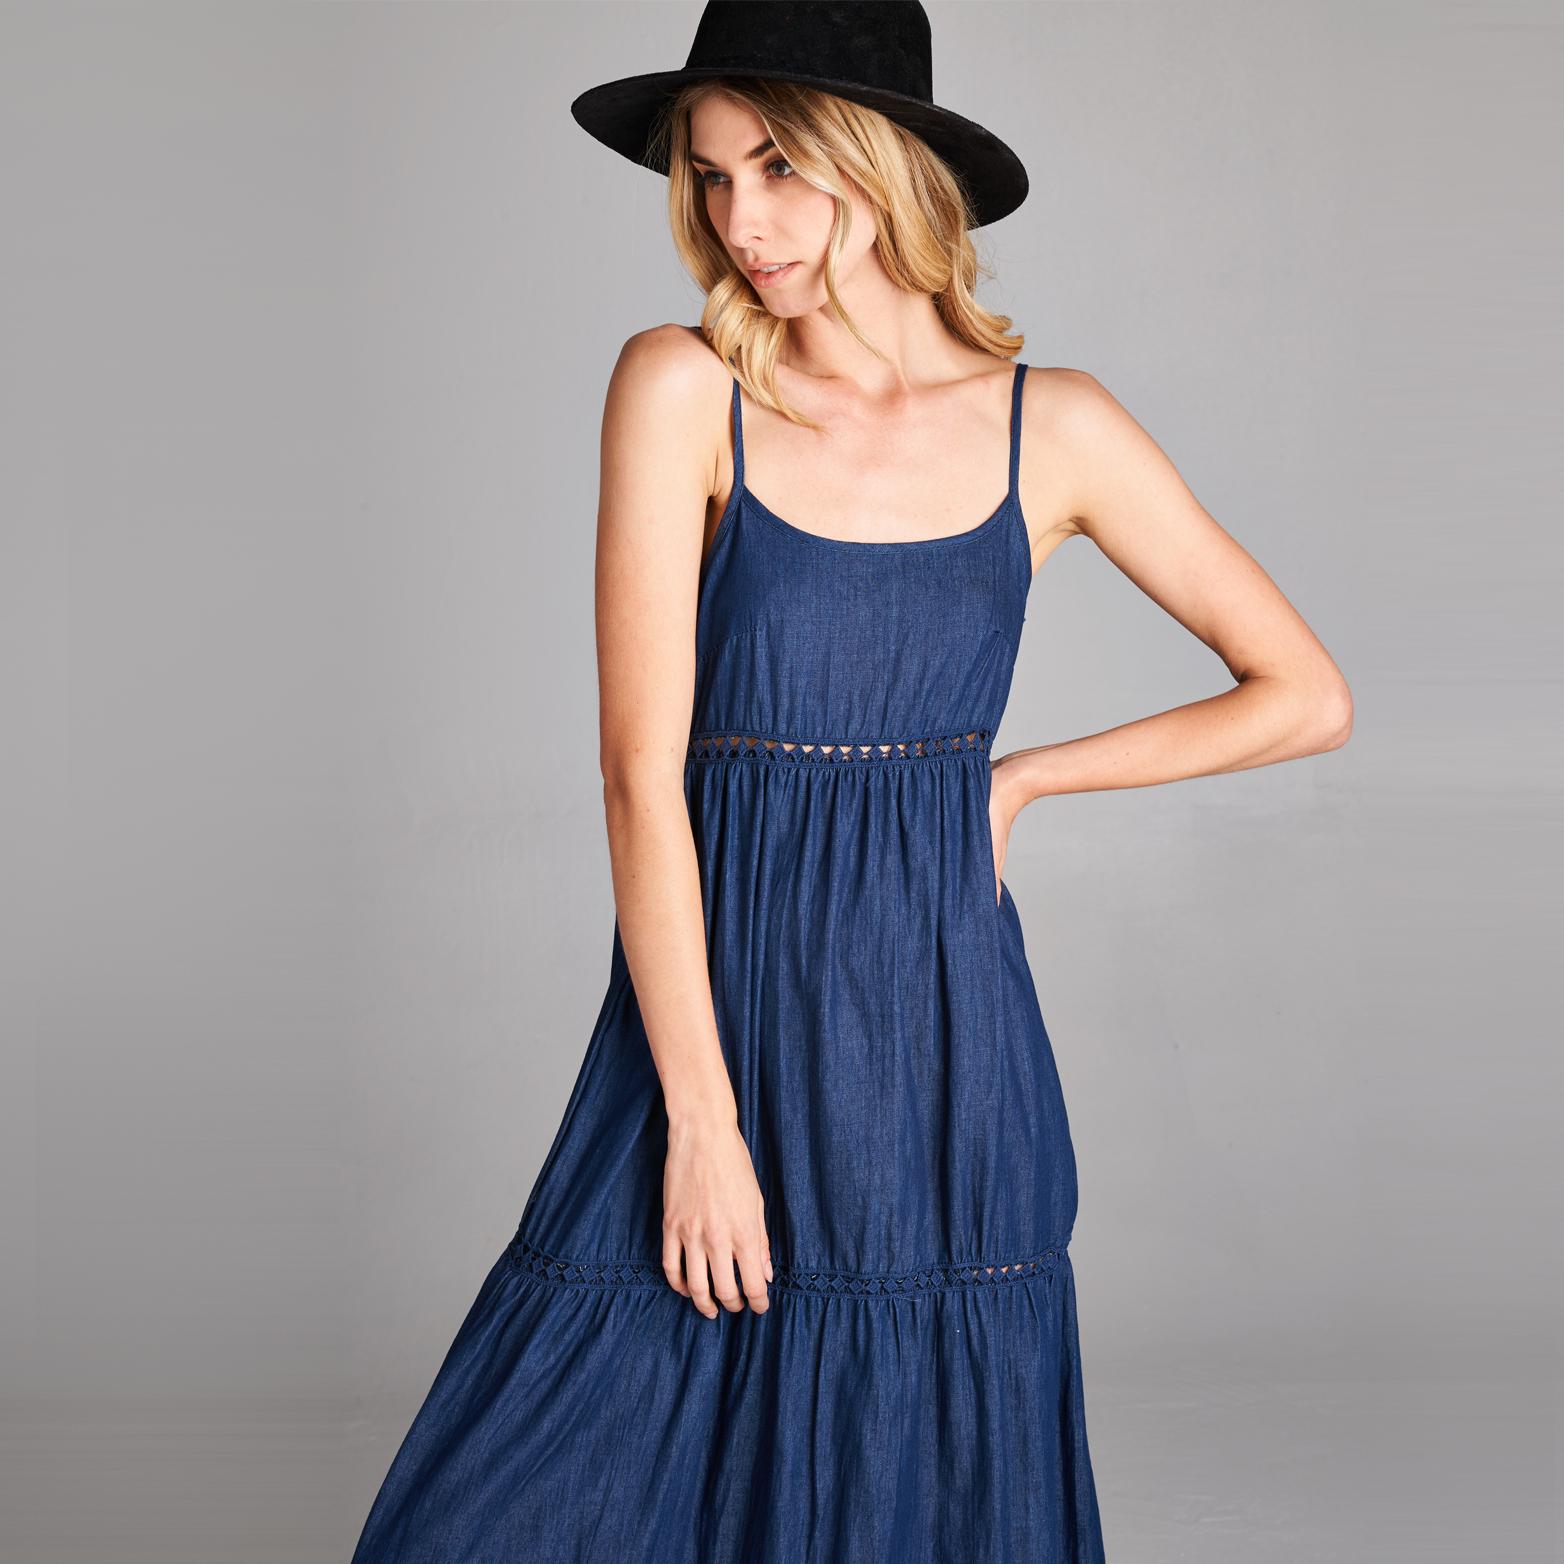 Bạn đã chọn được váy maxi phù hợp cho mùa hè thu chưa?